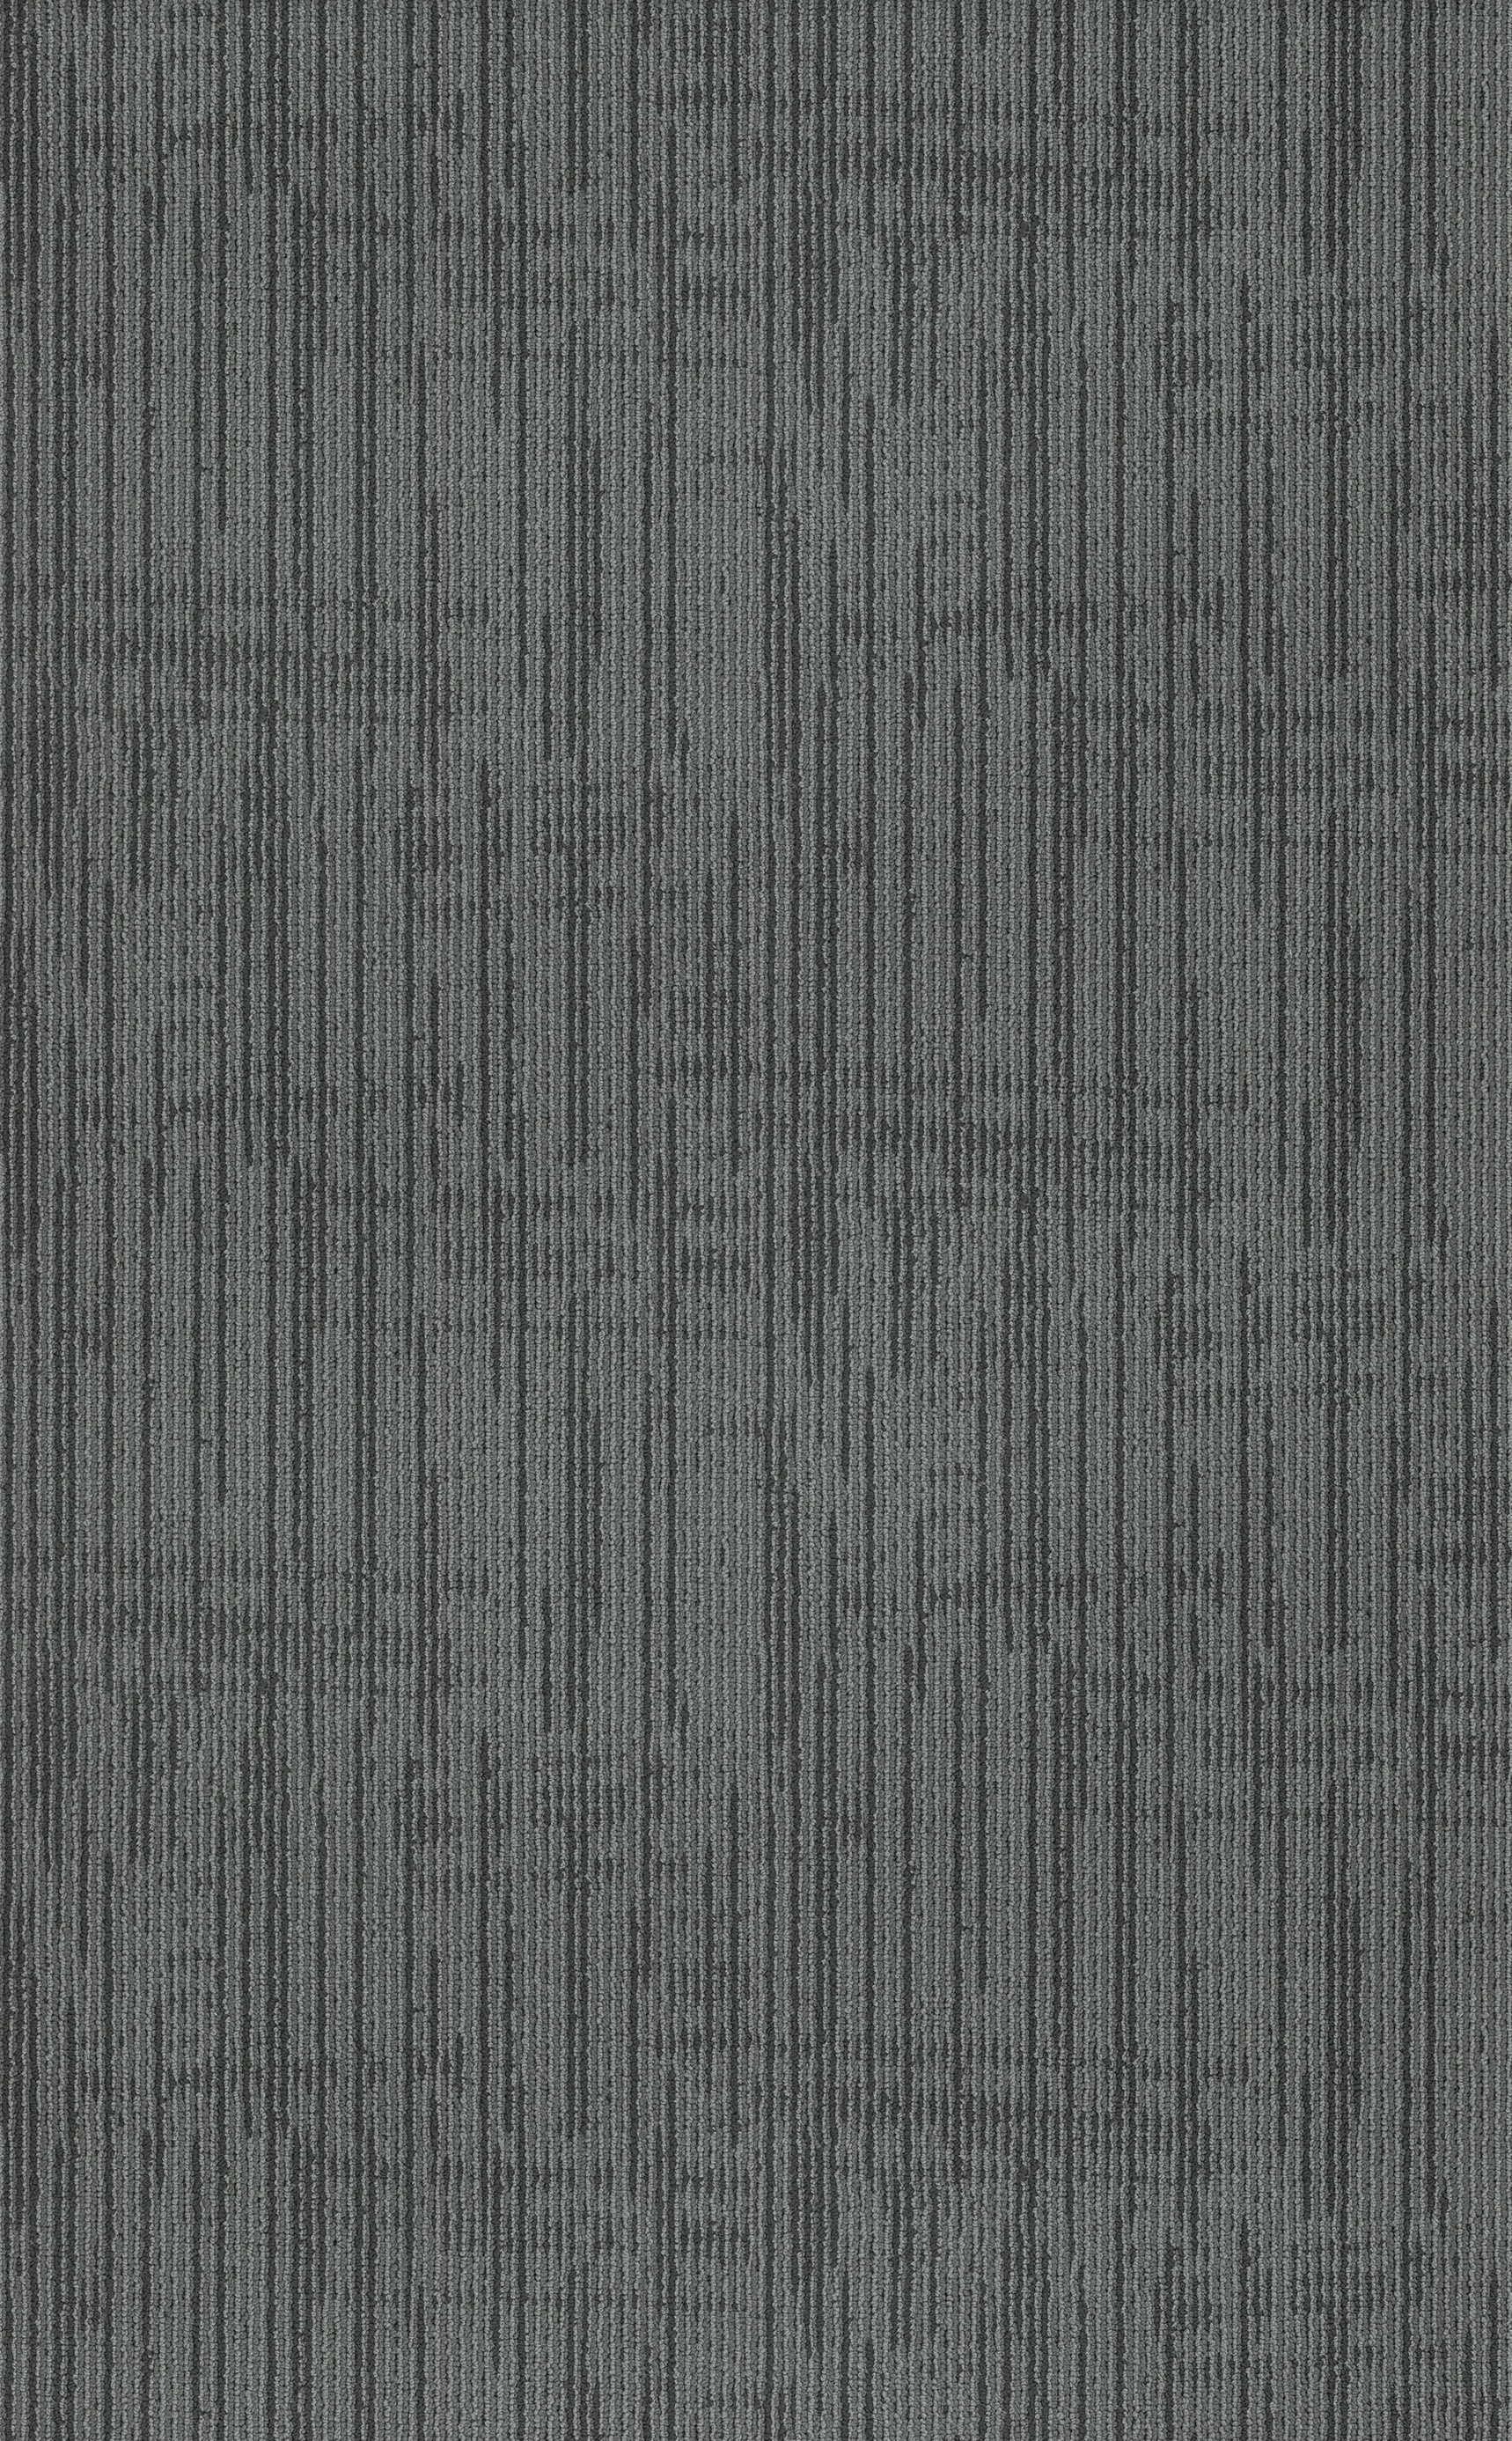 威牛--地毯纹